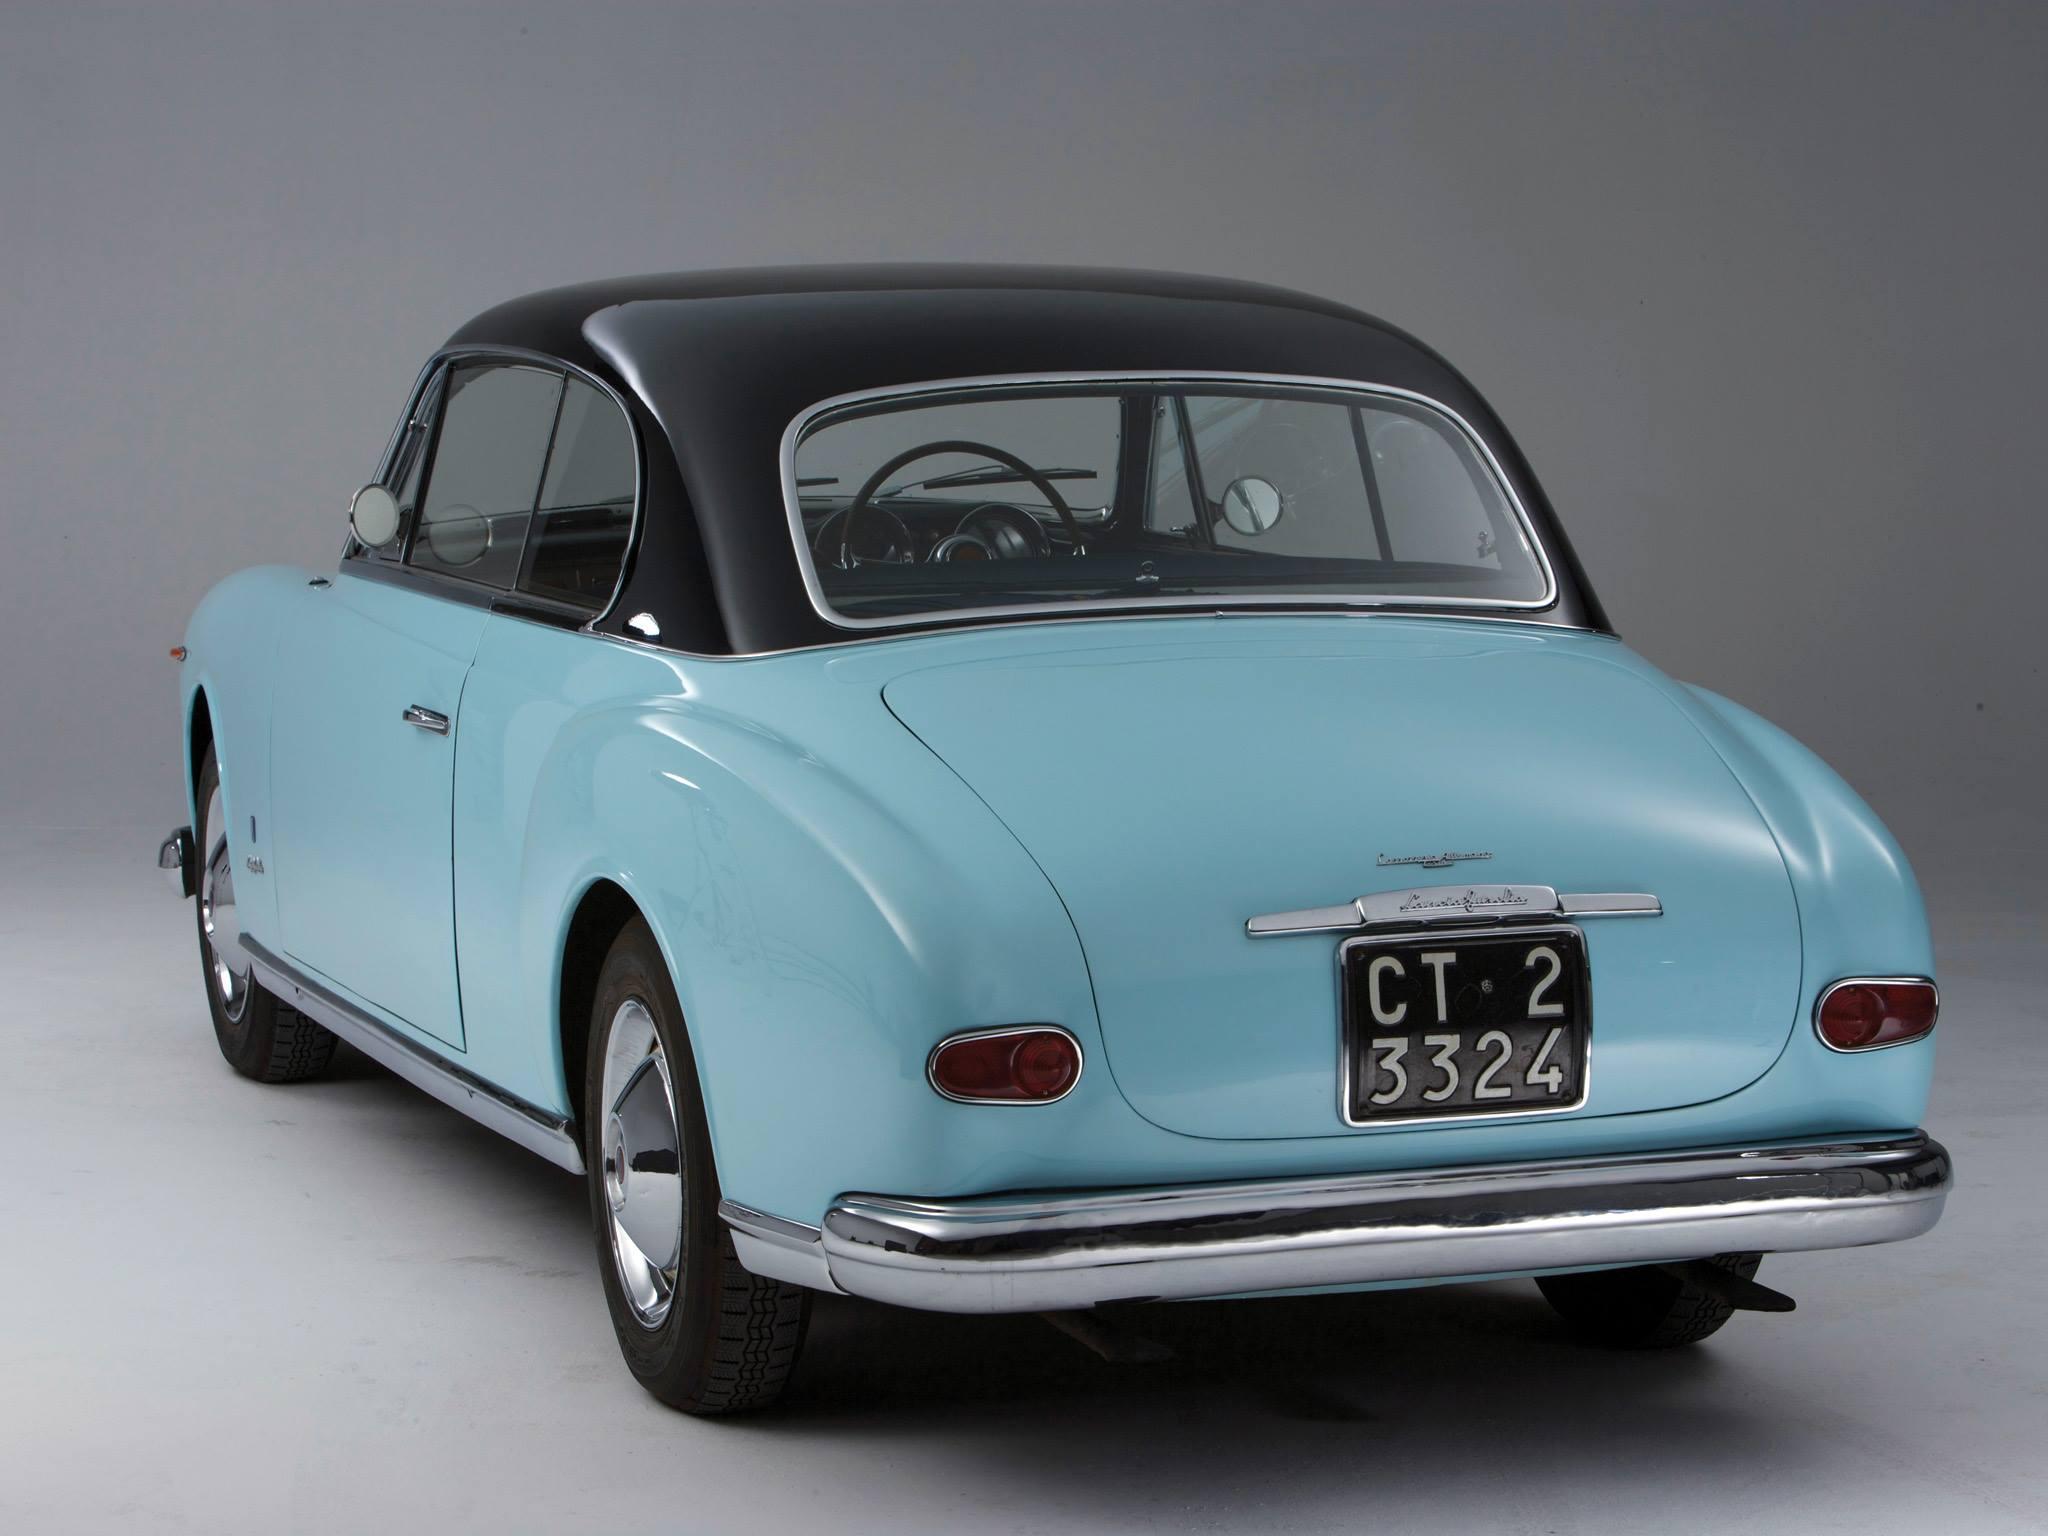 Lancia-Aurelia-Coupe-1952-3